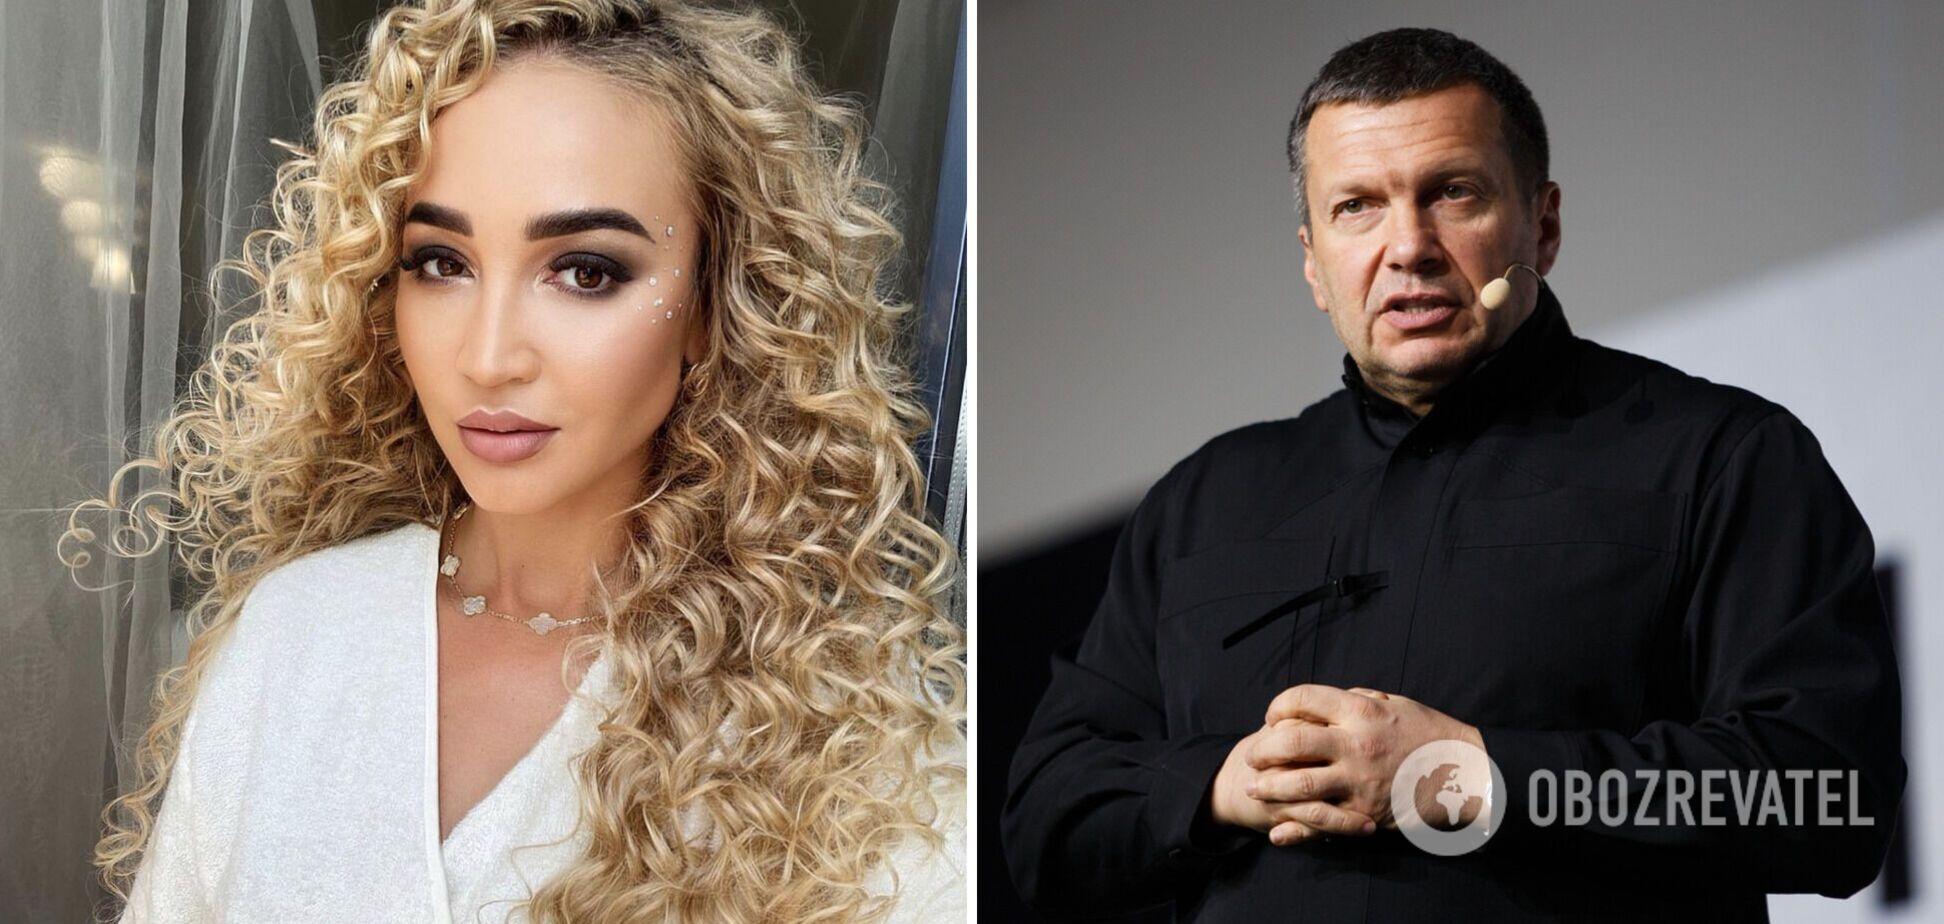 Ольга Бузова звинуватила російського пропагандиста Соловйова в приниженні жінок